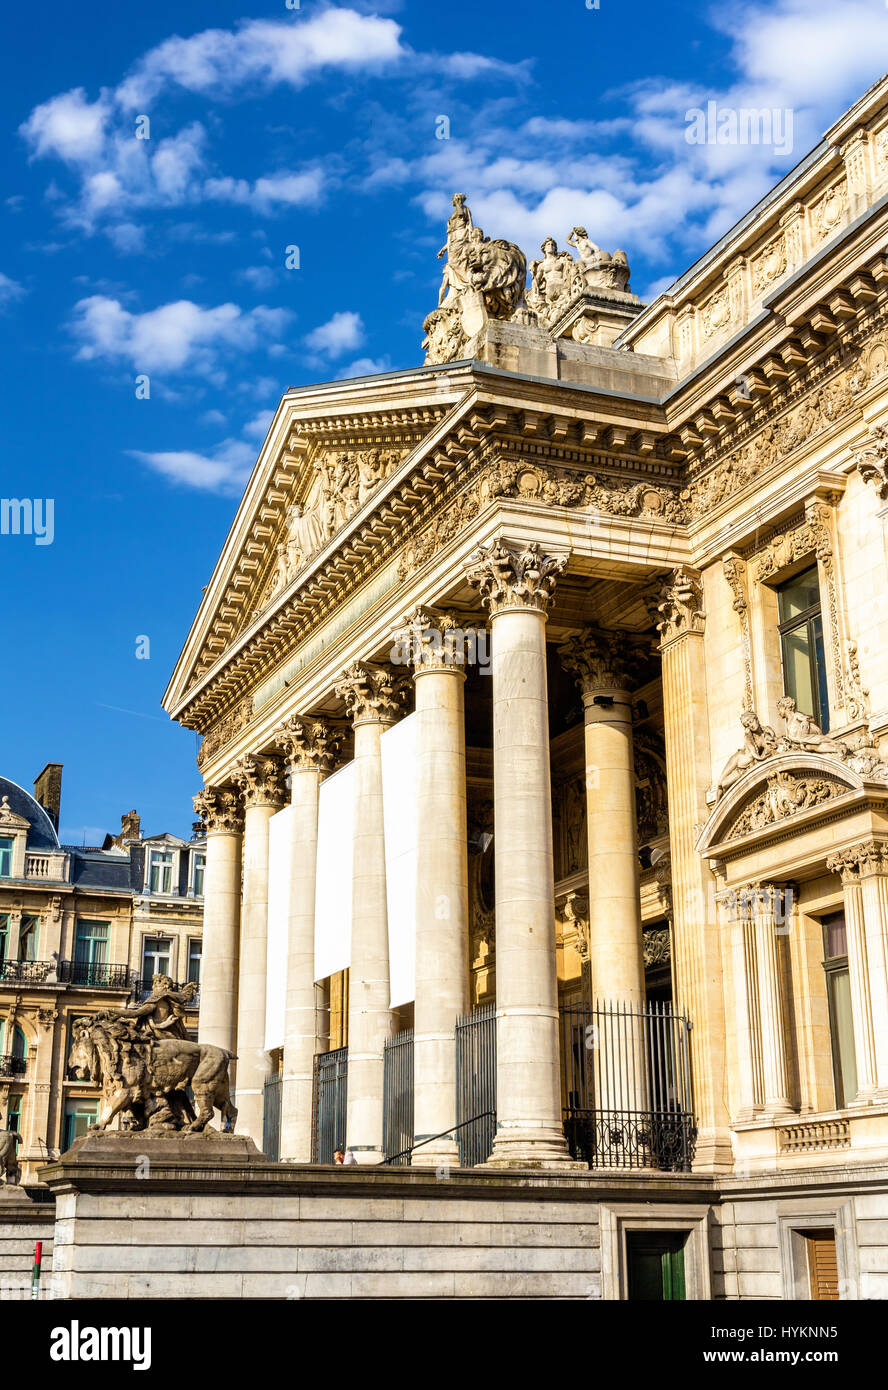 Facade of Brussels Stock Exchange - Belgium - Stock Image